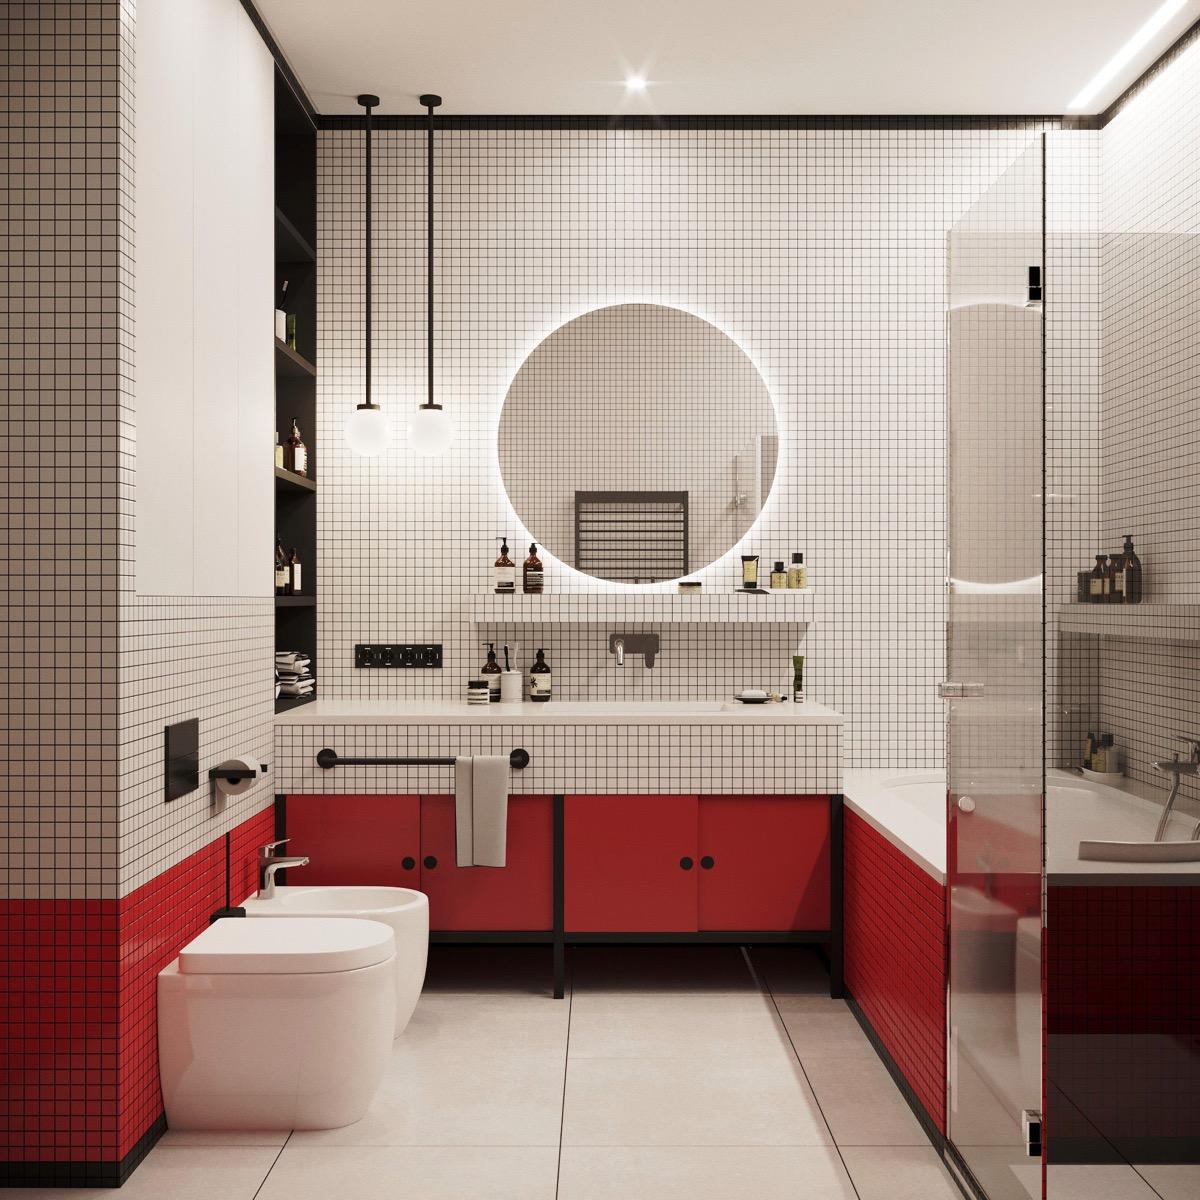 51 Modern Bathroom Design Ideas Plus Tips On How To ... on Modern Small Bathroom Design  id=16091